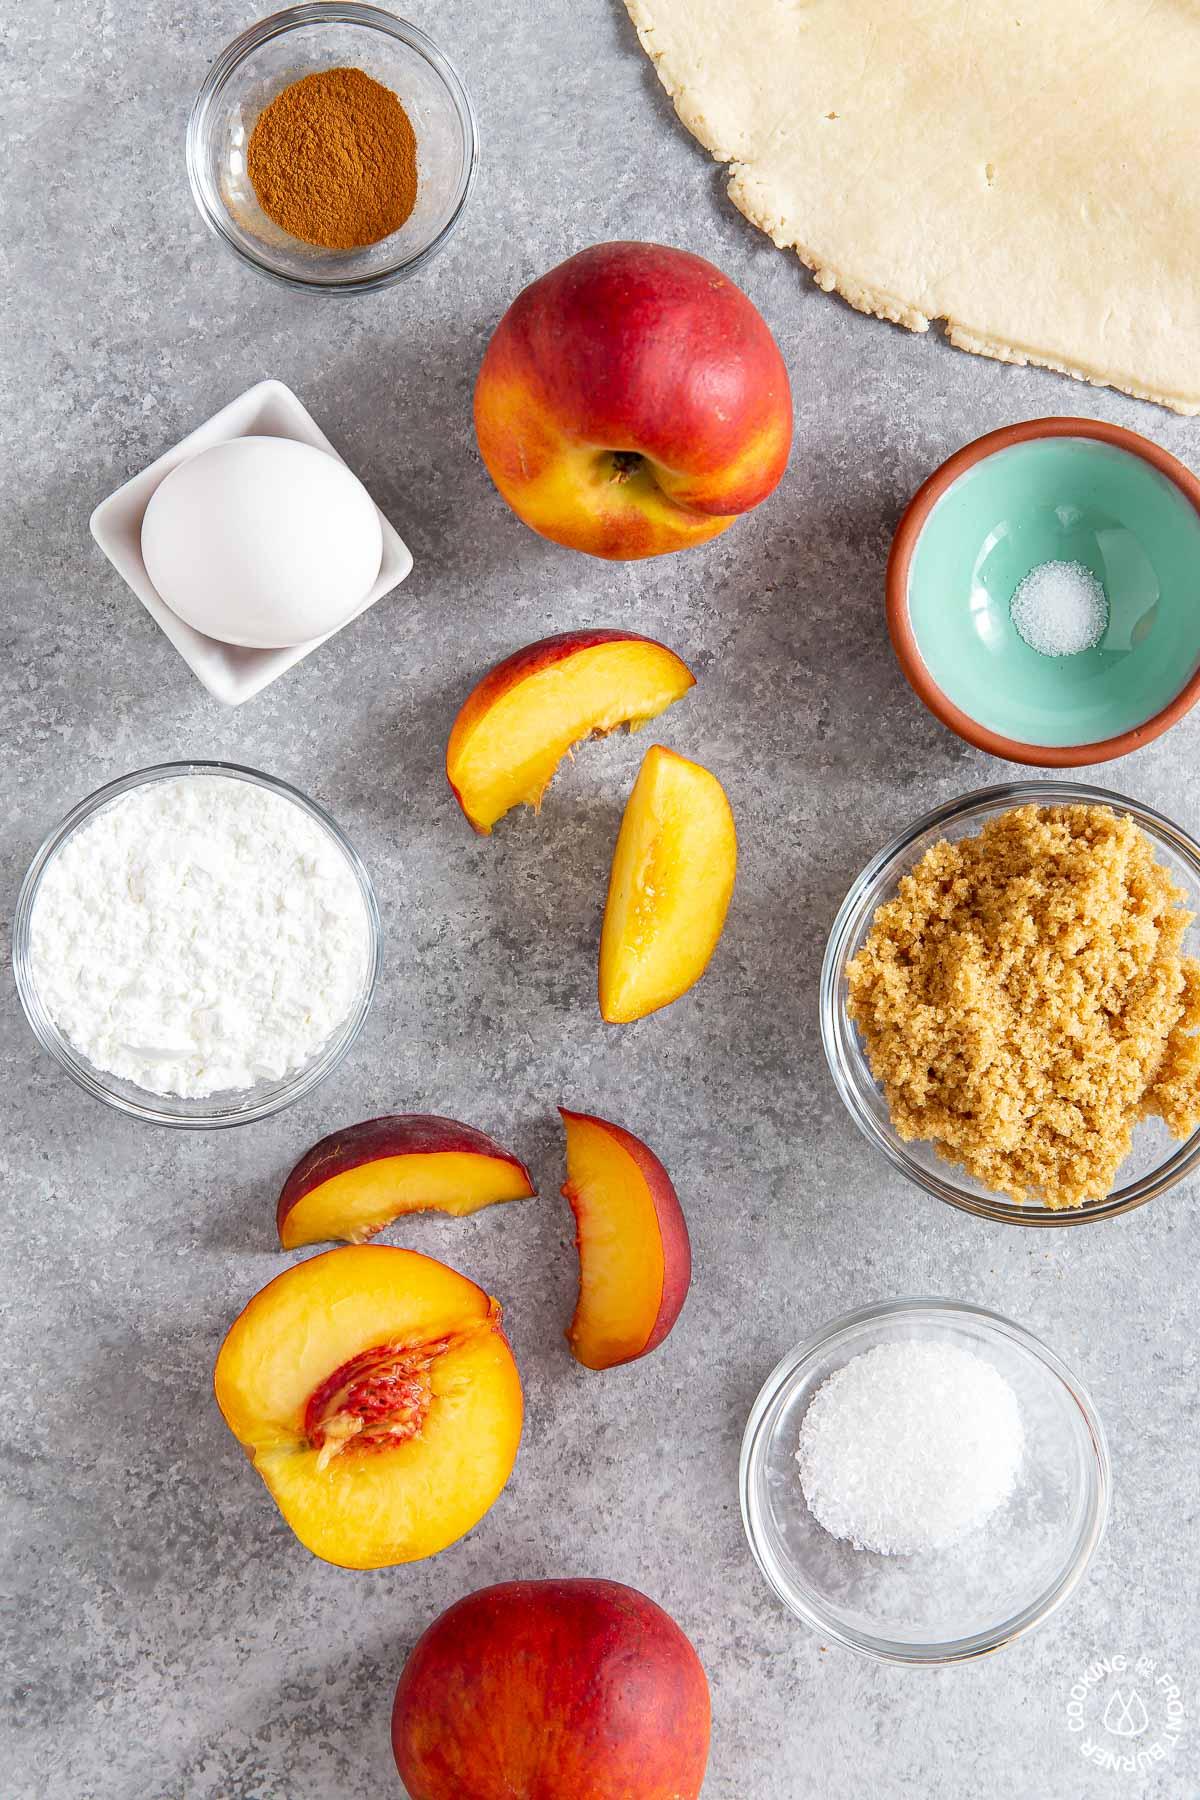 fresh peaches, grown sugar, cinnamon, egg, salt, cornstarch in bowls on a board